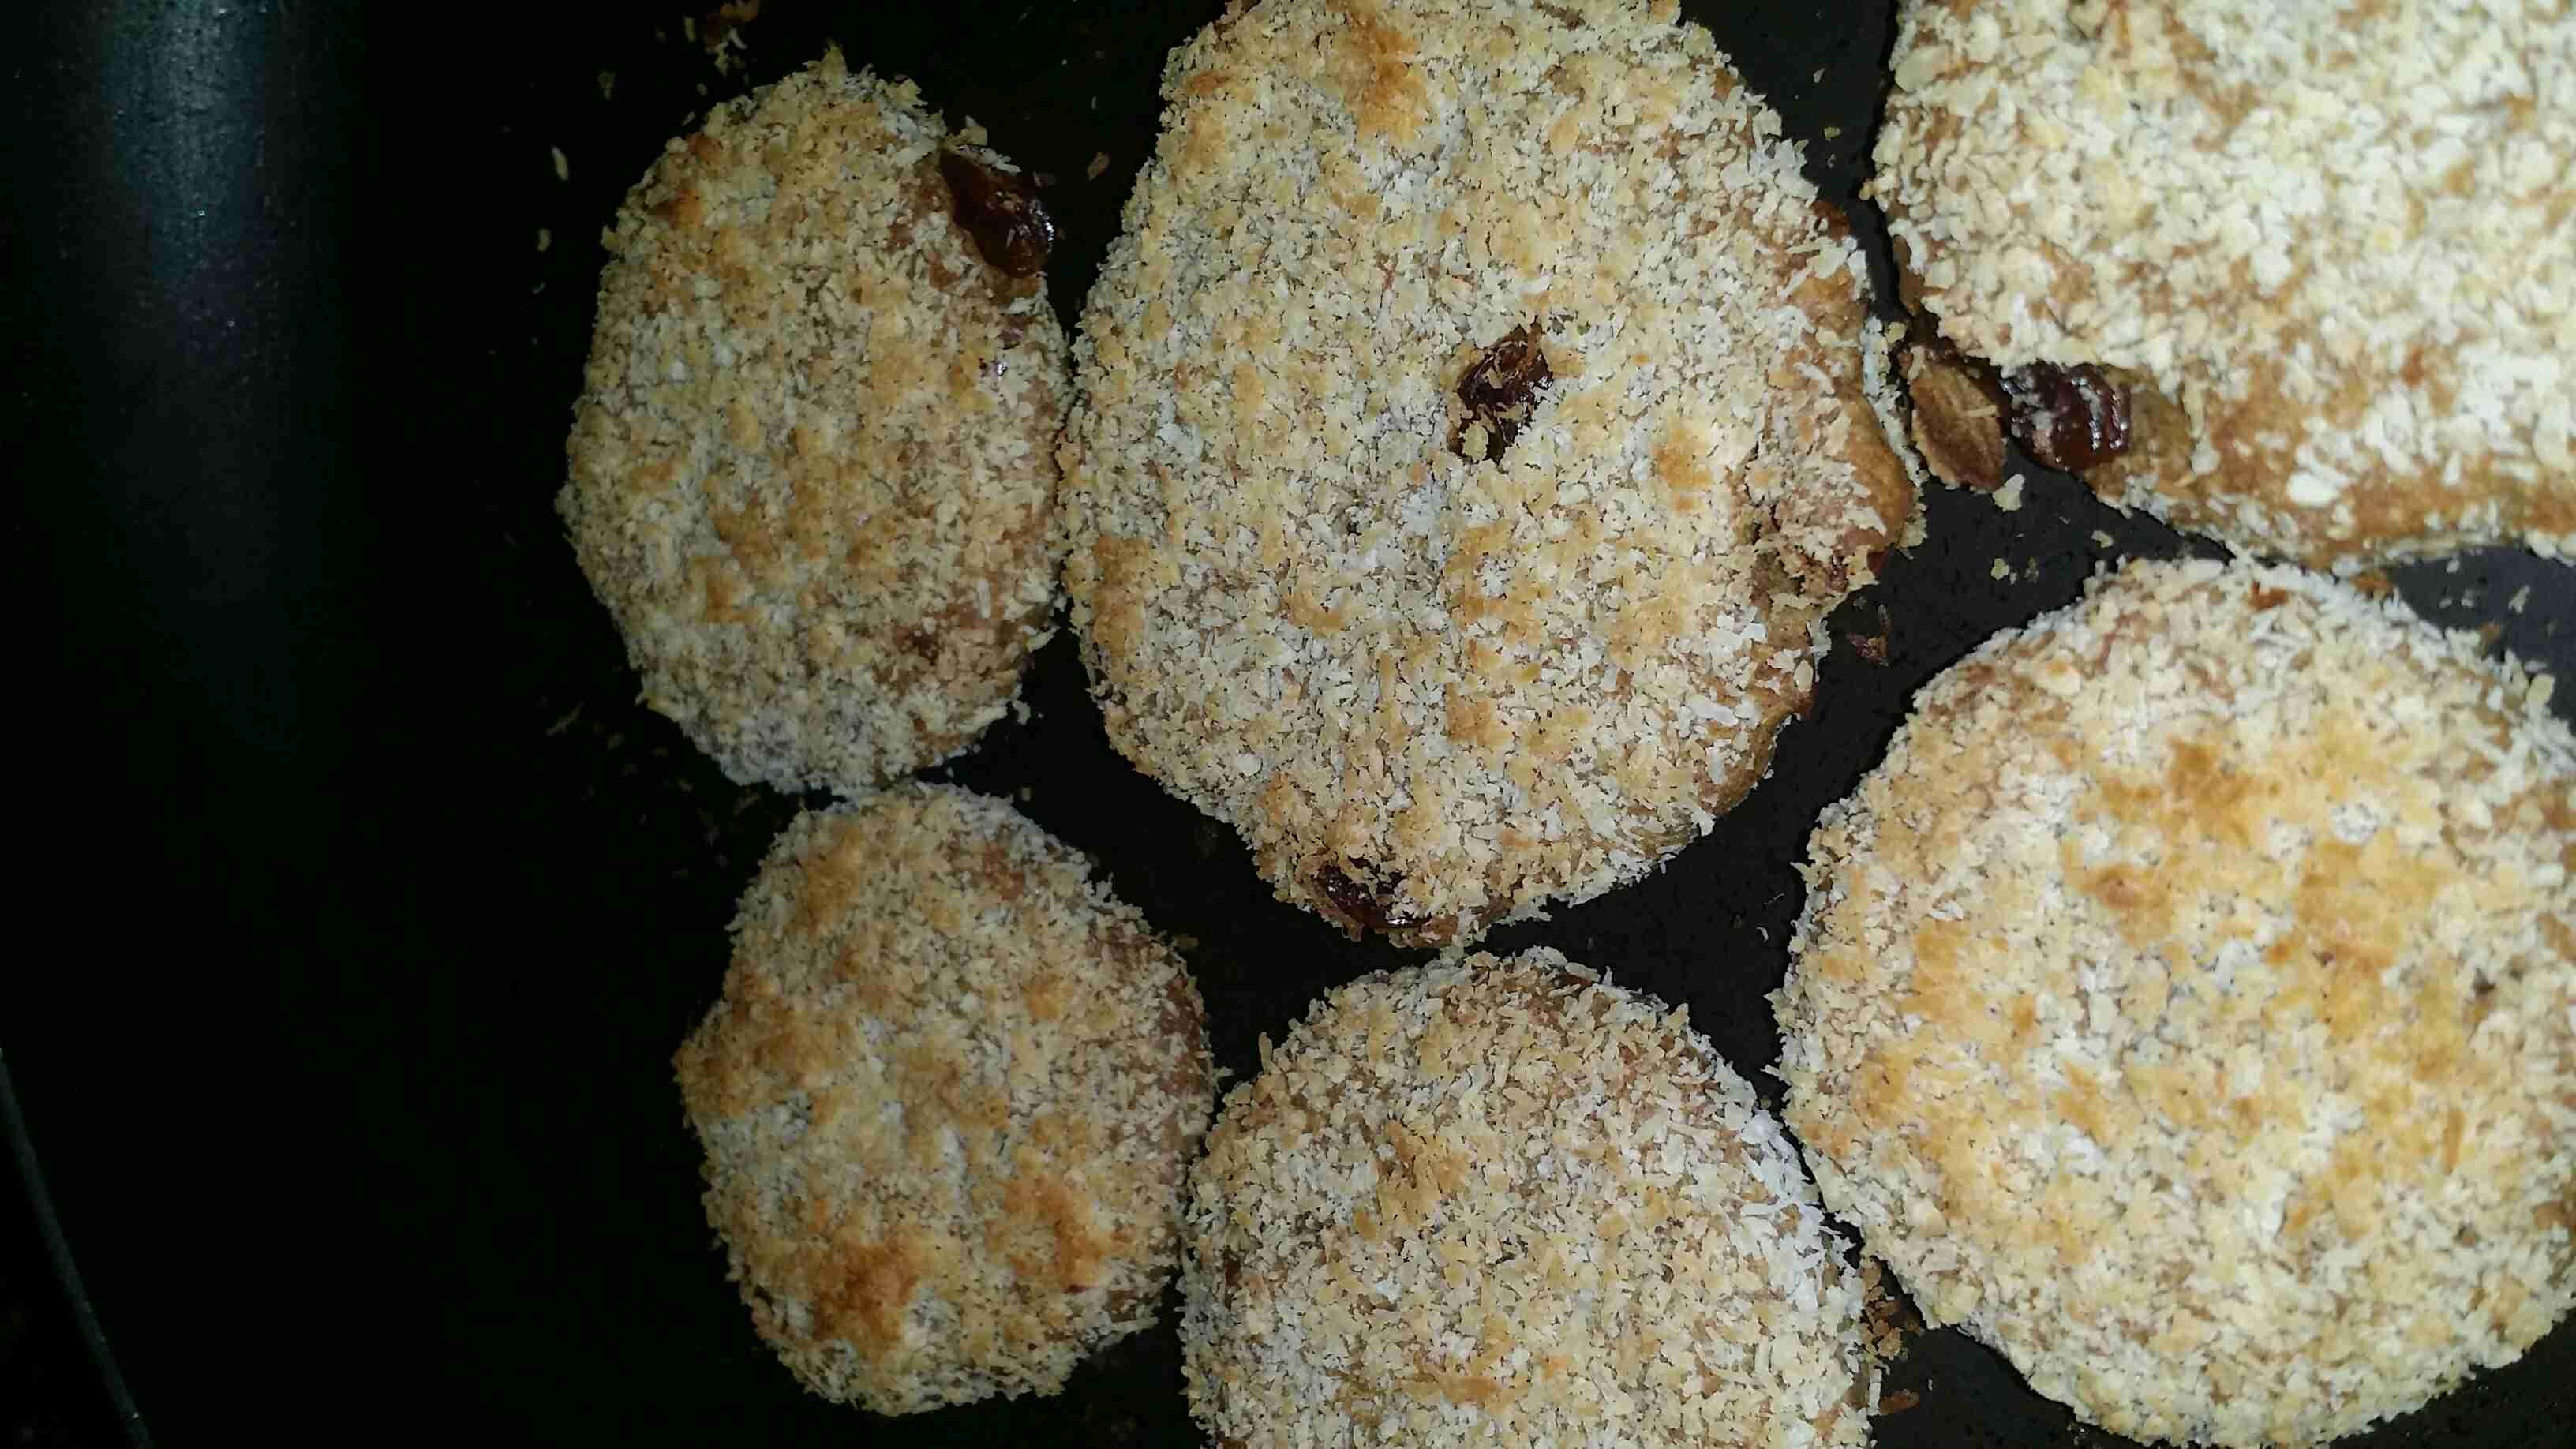 أحب وصفة كوكيز صحي لقلبي إن شاءالله تعجبكم زاكي Food Breakfast Muffin